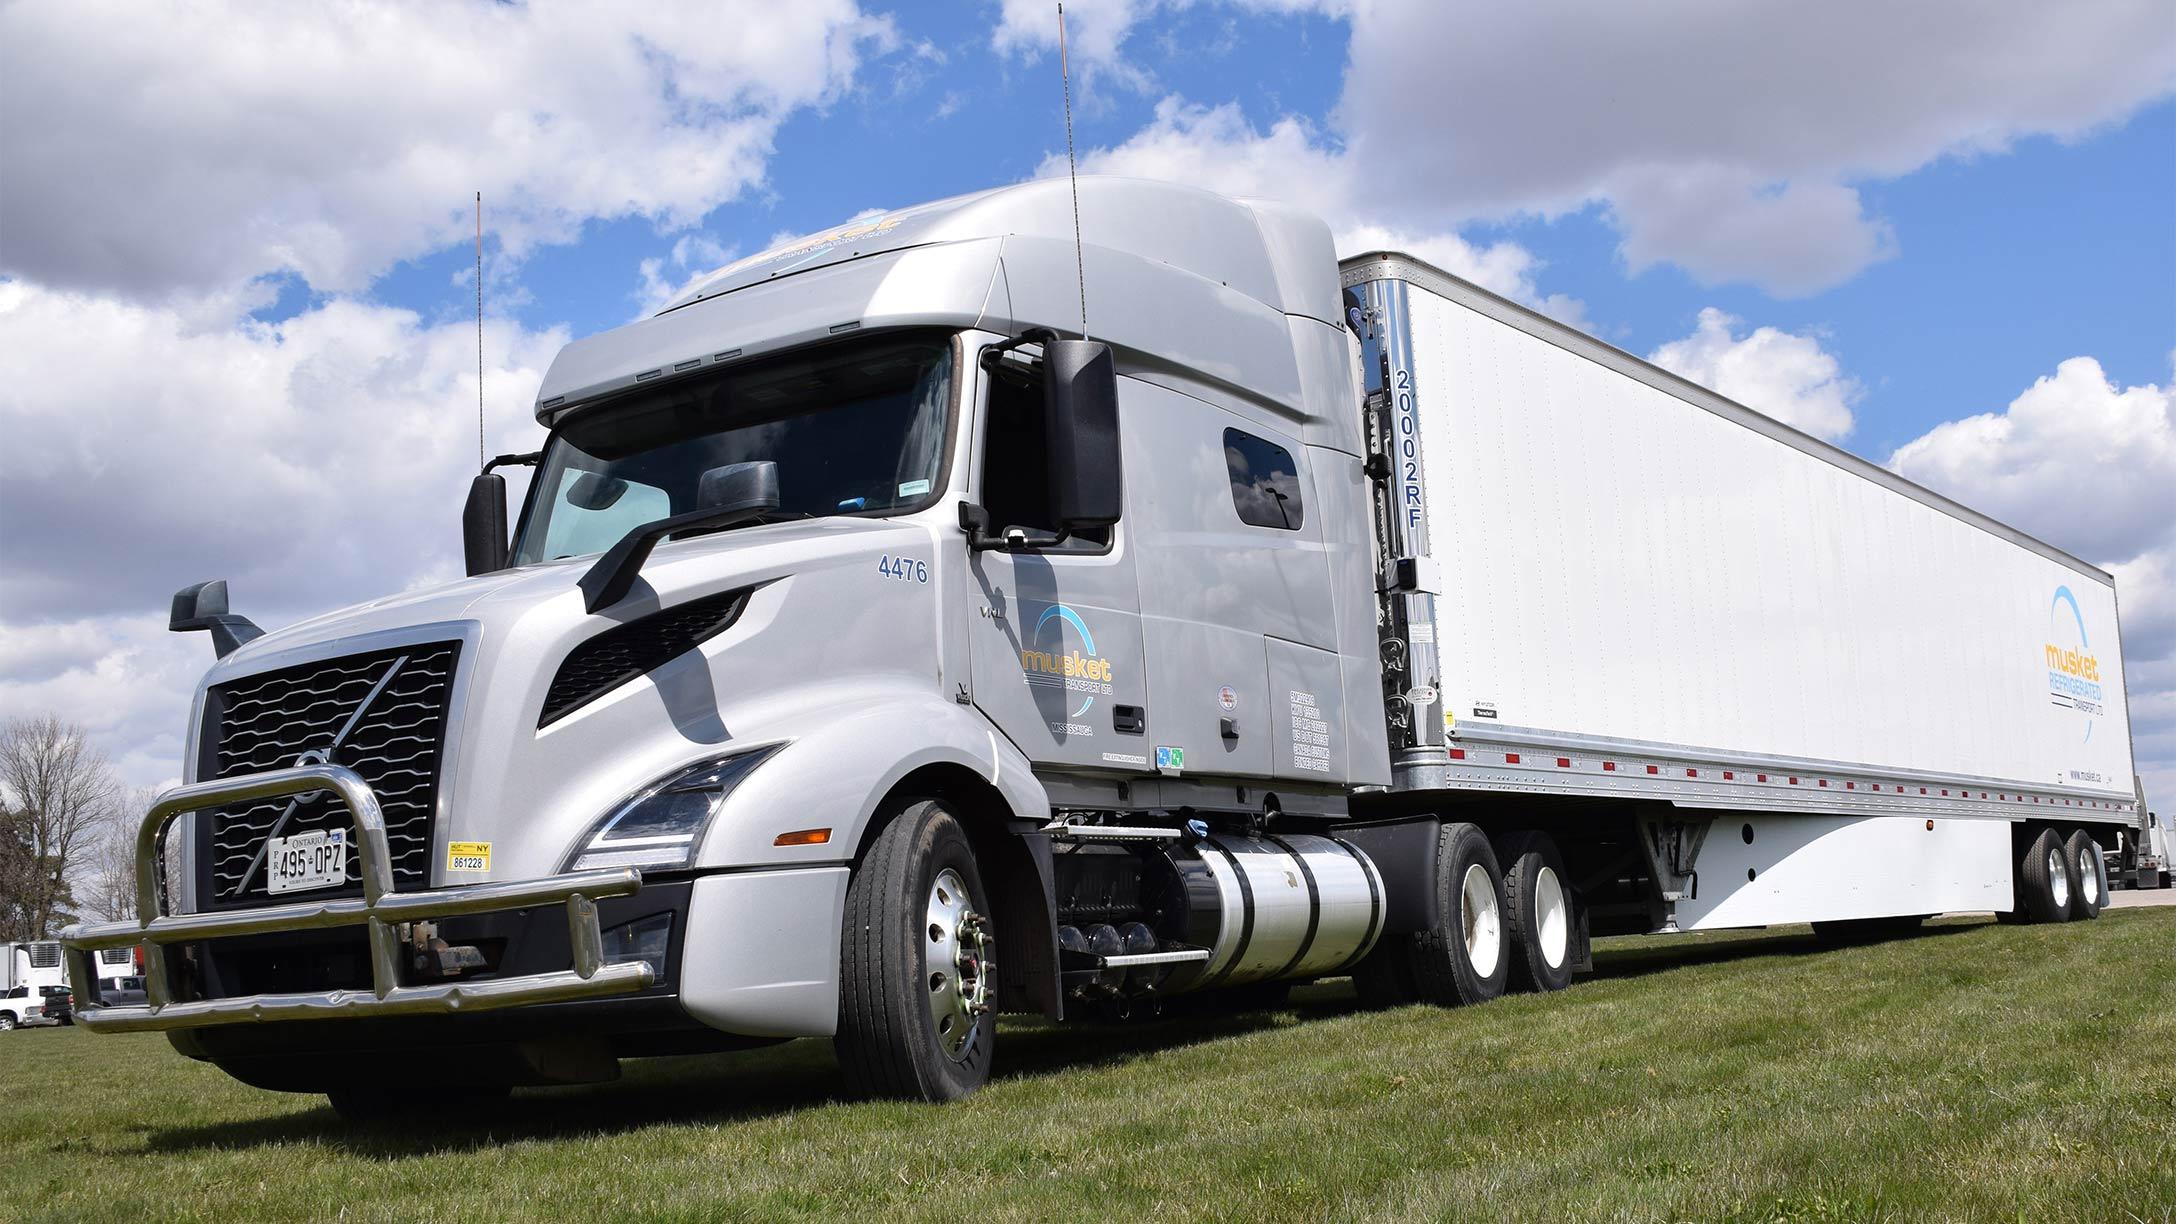 一辆火枪运输有限公司的卡车停在那里